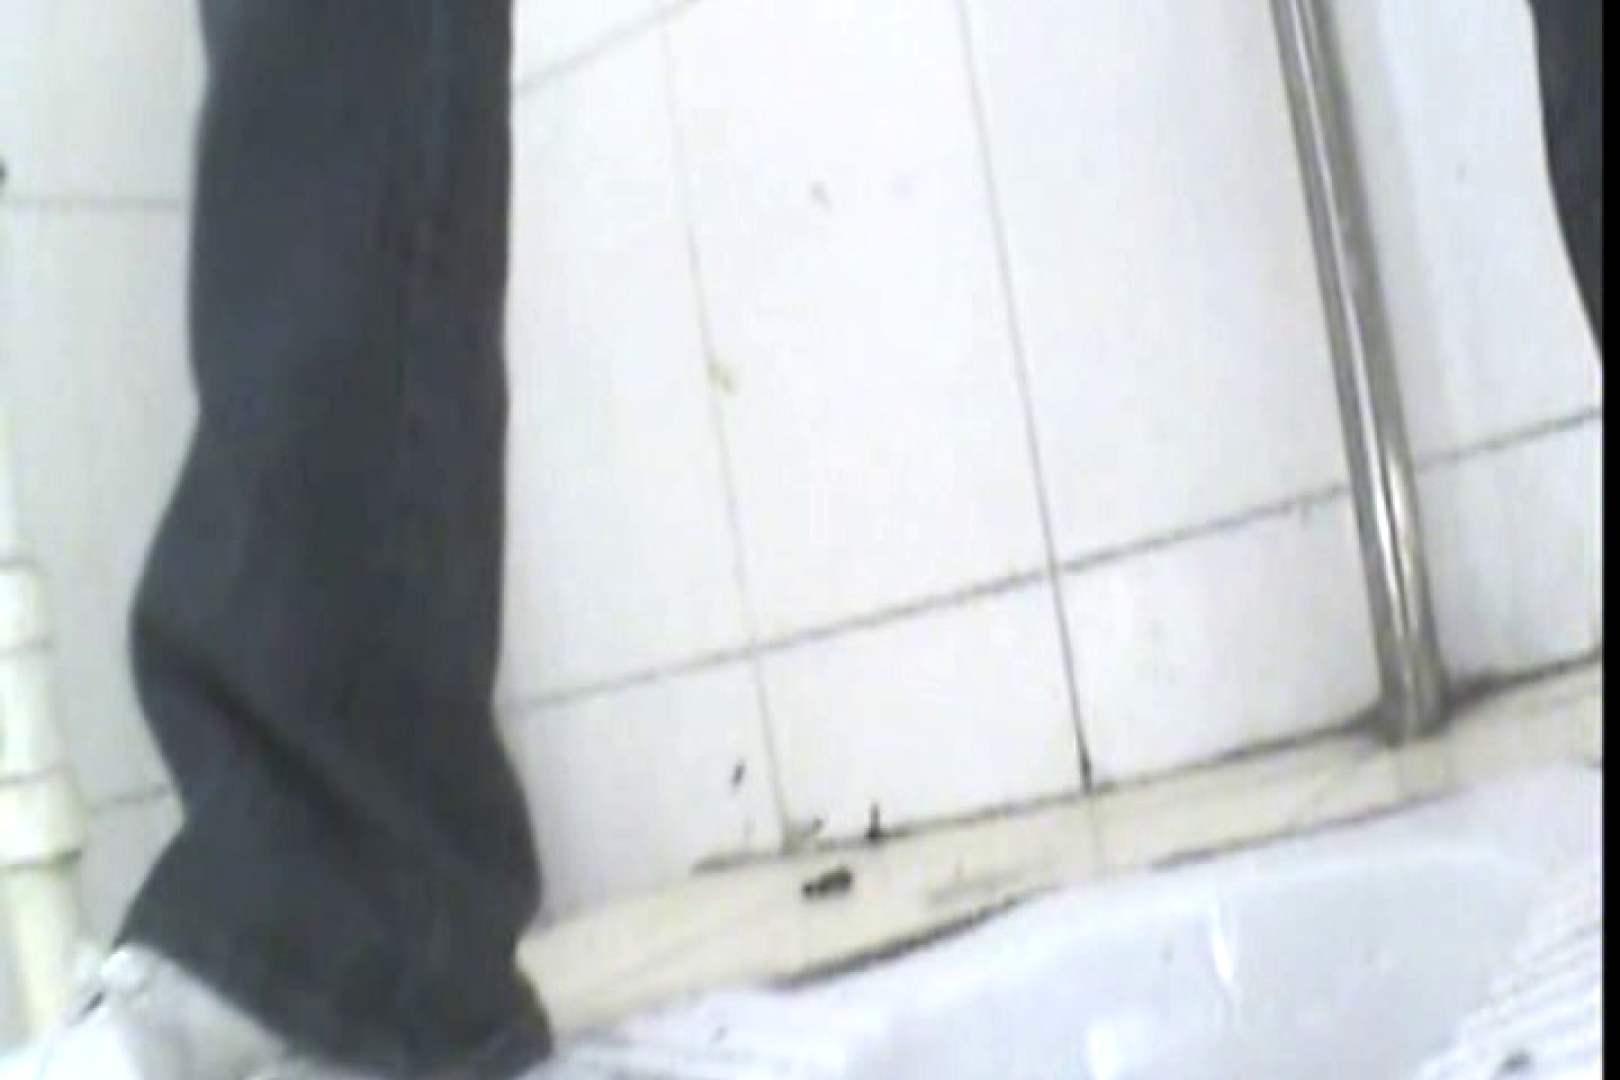 ぼっとん洗面所スペシャルVol.3 おまんこ無修正 盗撮アダルト動画キャプチャ 92pic 71